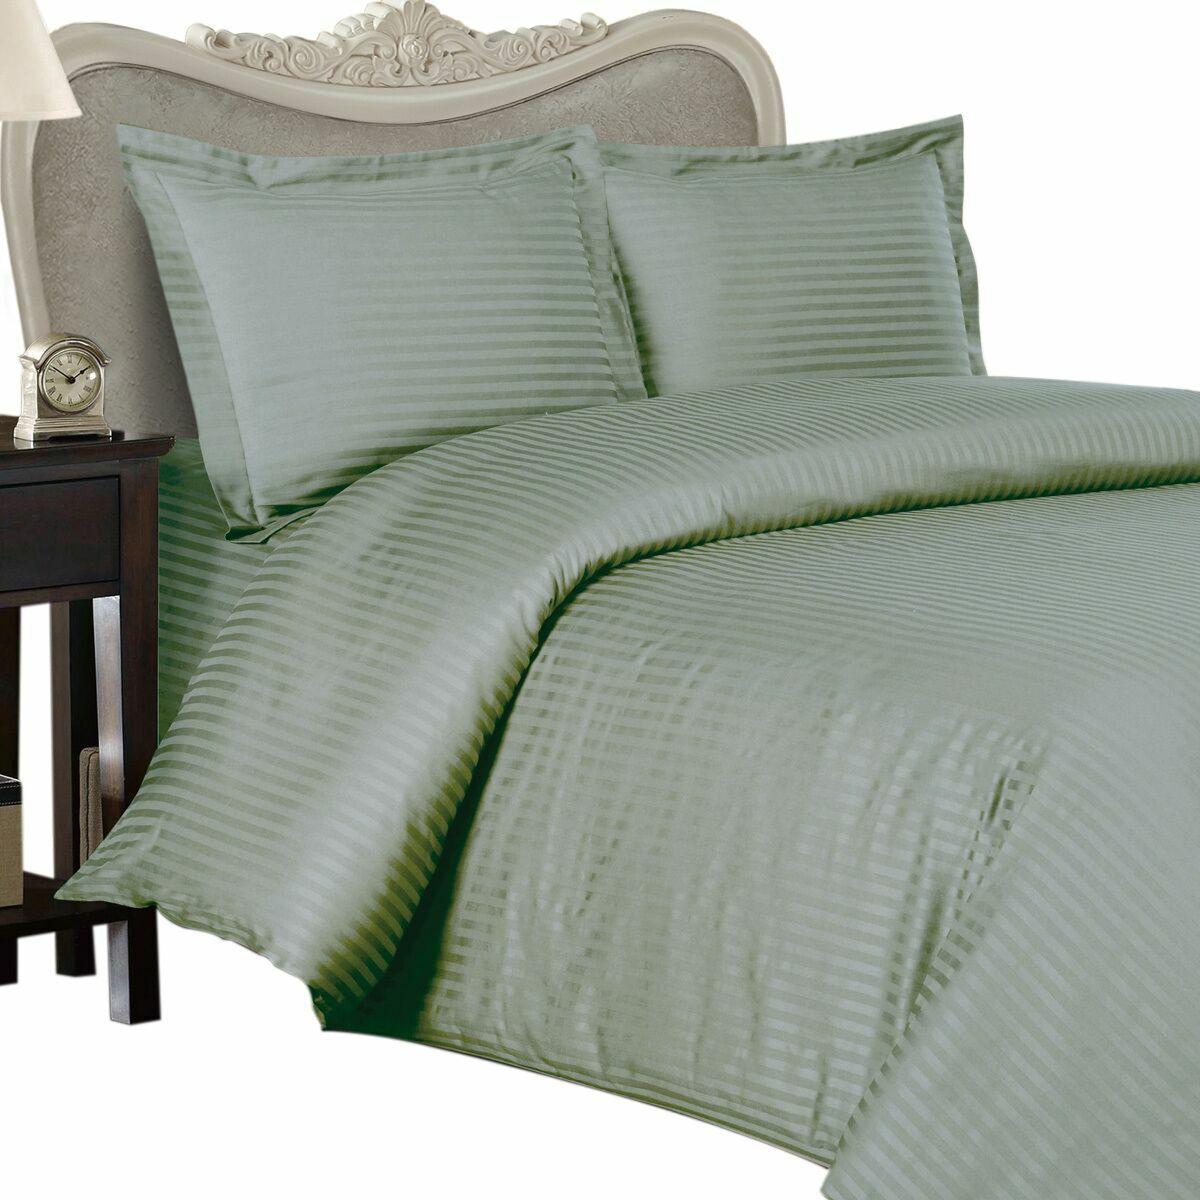 1000 Thread Count 100% Egyptian Cotton Sheet Set,1000 TC, TWIN XL , Sage Stripe